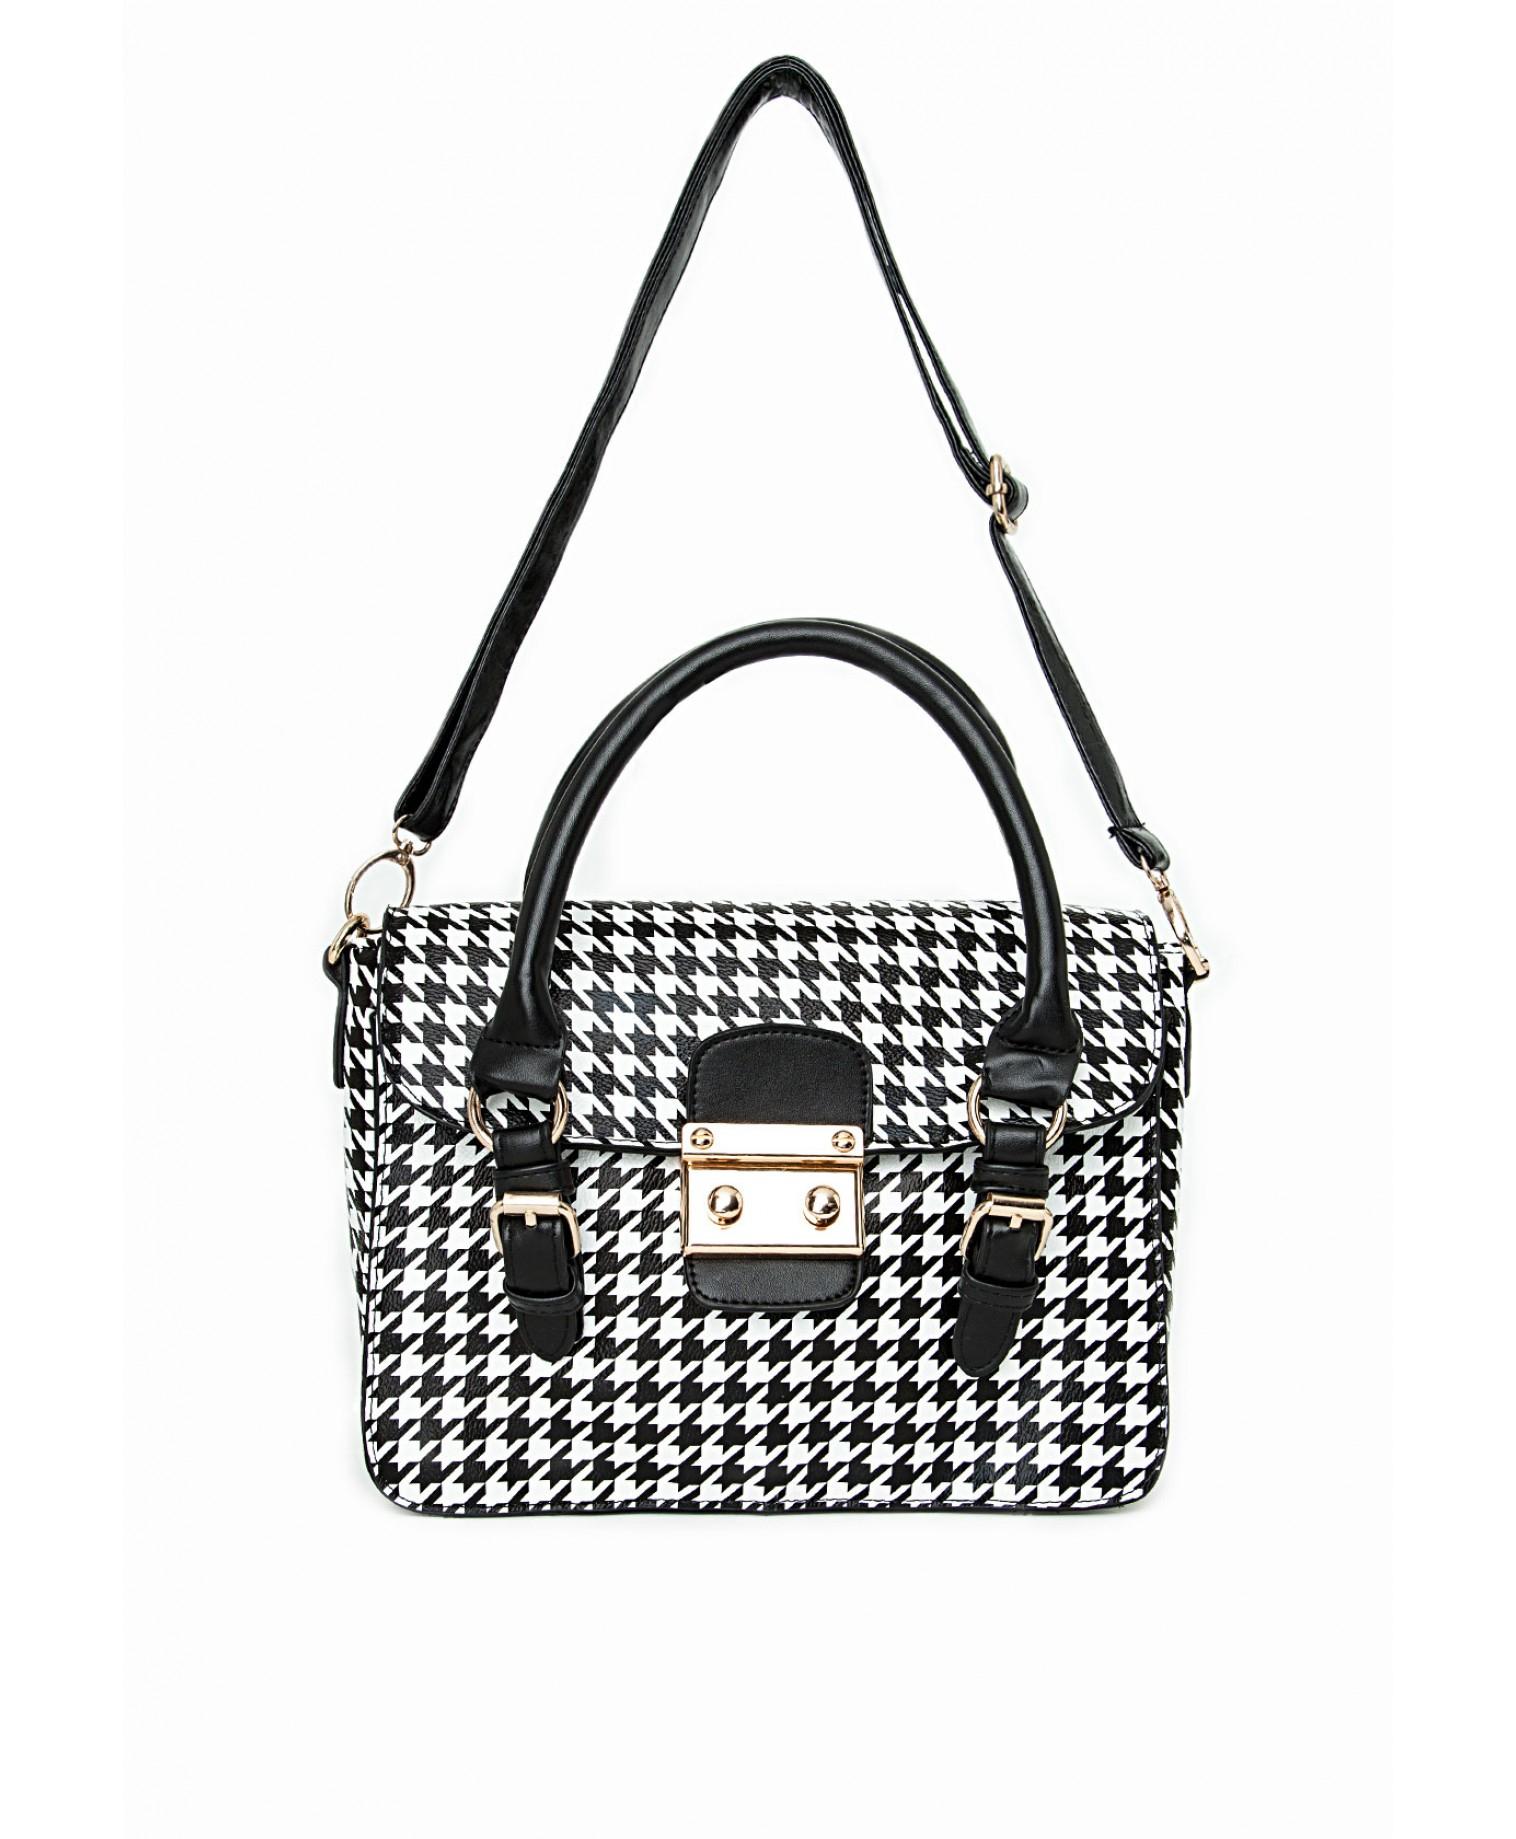 03f7309345d6 Missguided Snake Print Contrast Shoulder Bag Grey in Black - Lyst